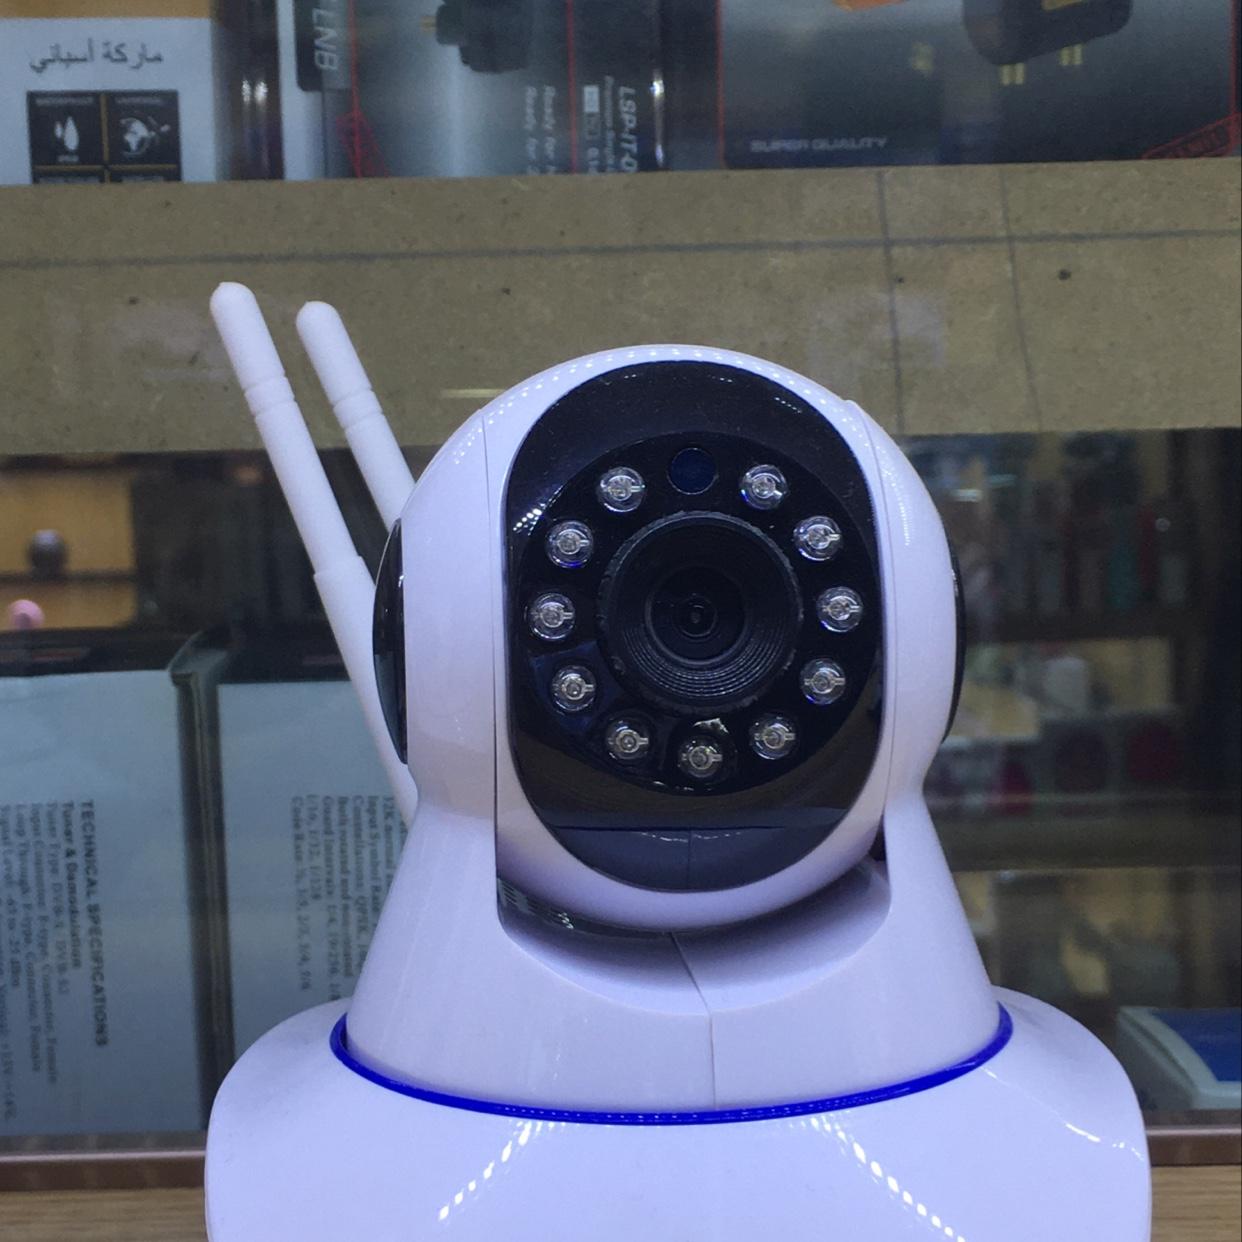 家用安防网络摄像头,